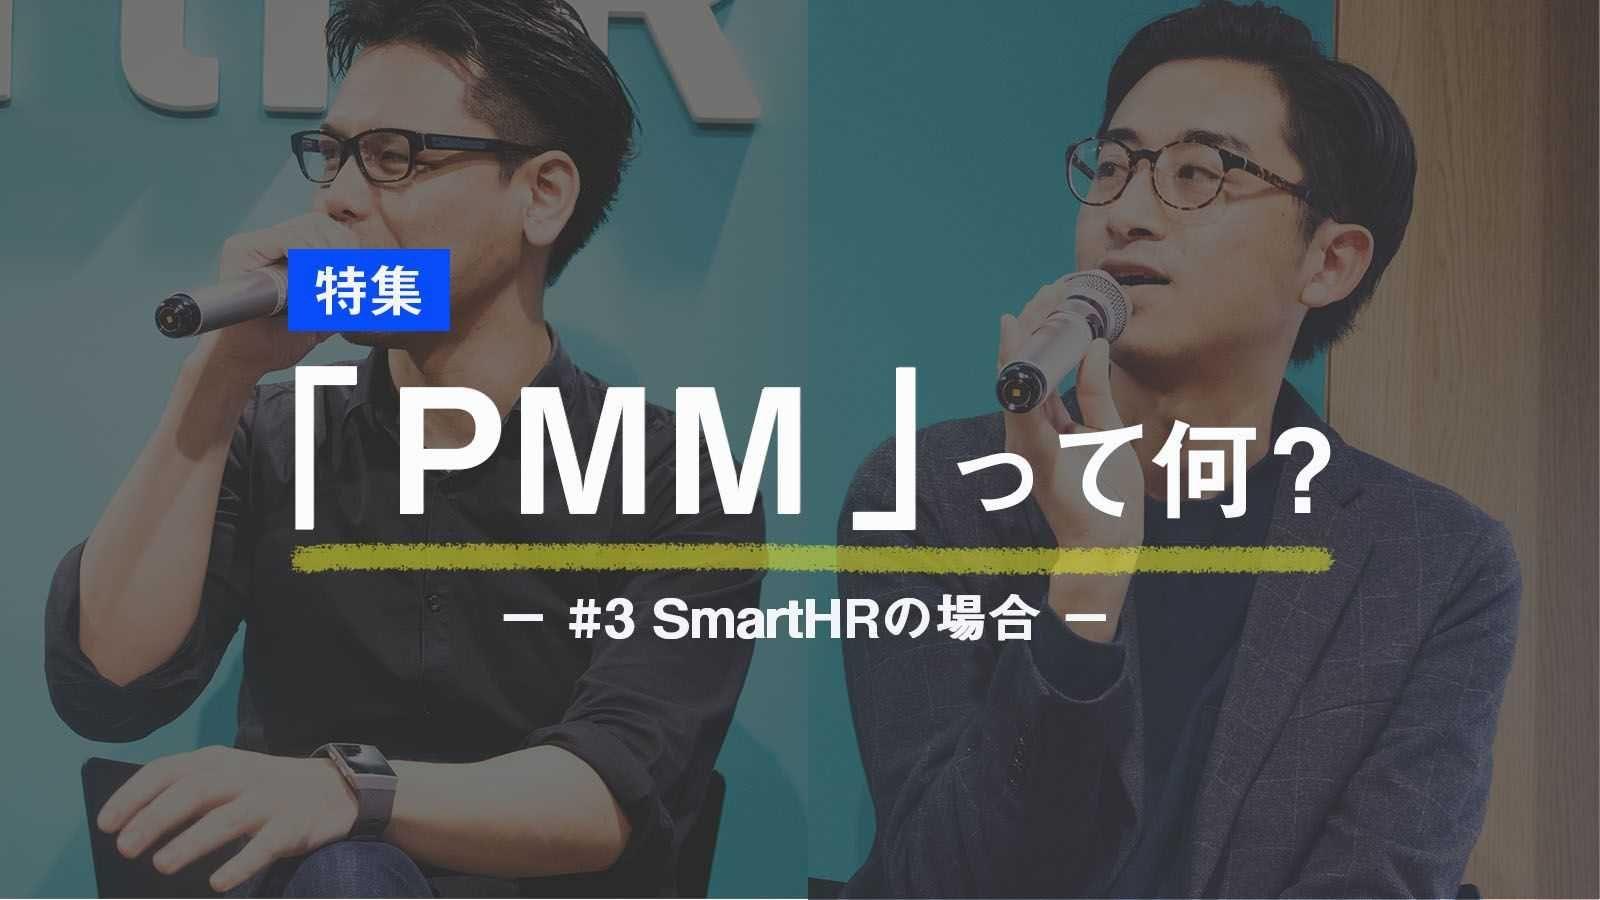 新機能企画から「売り方」の開発も。『SmartHR』が置くPMMの役割